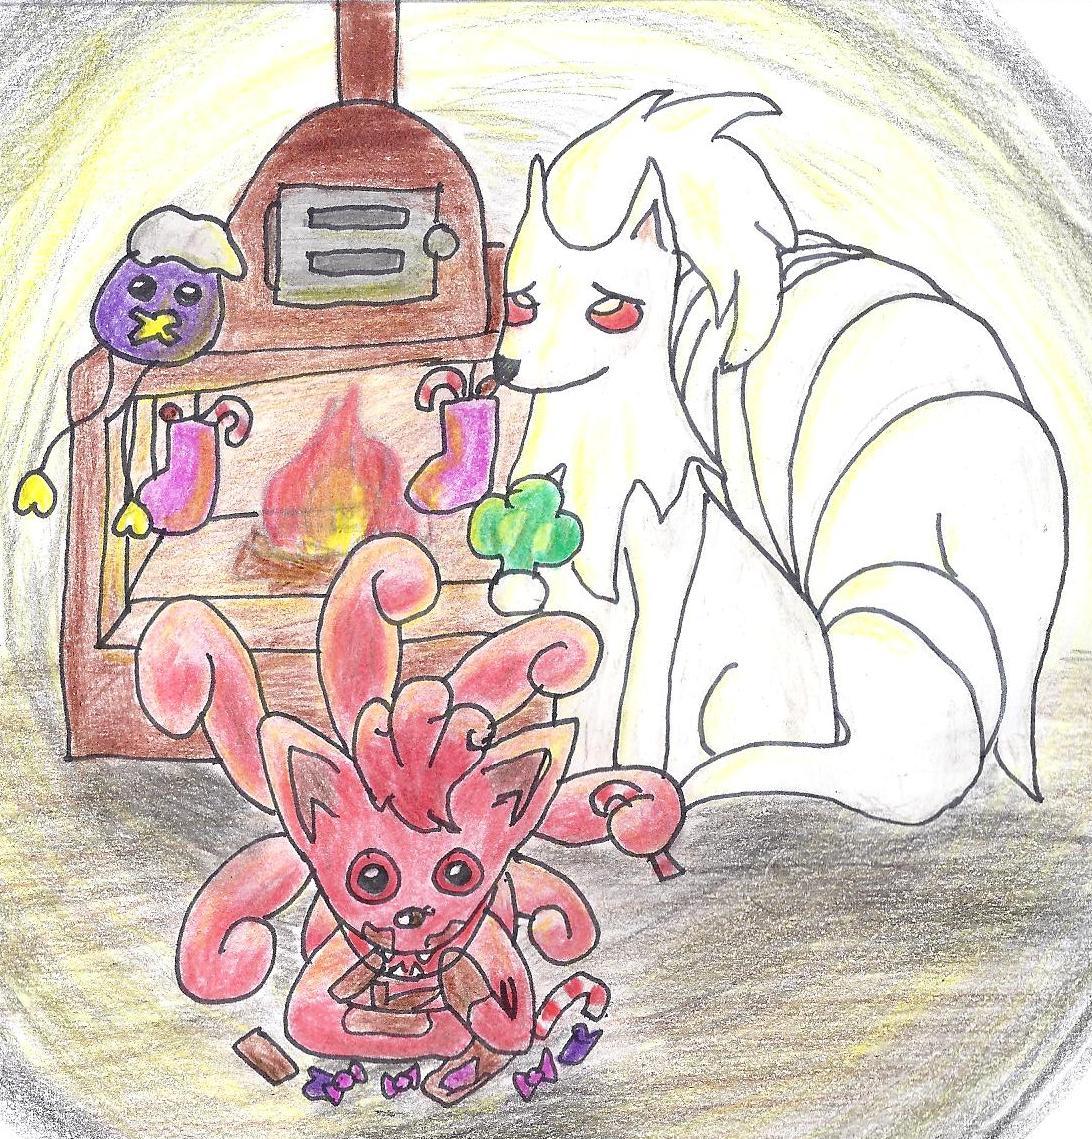 Pokémon-Zeichnung: stopf, schling, schmatz, schlabber, schlürf